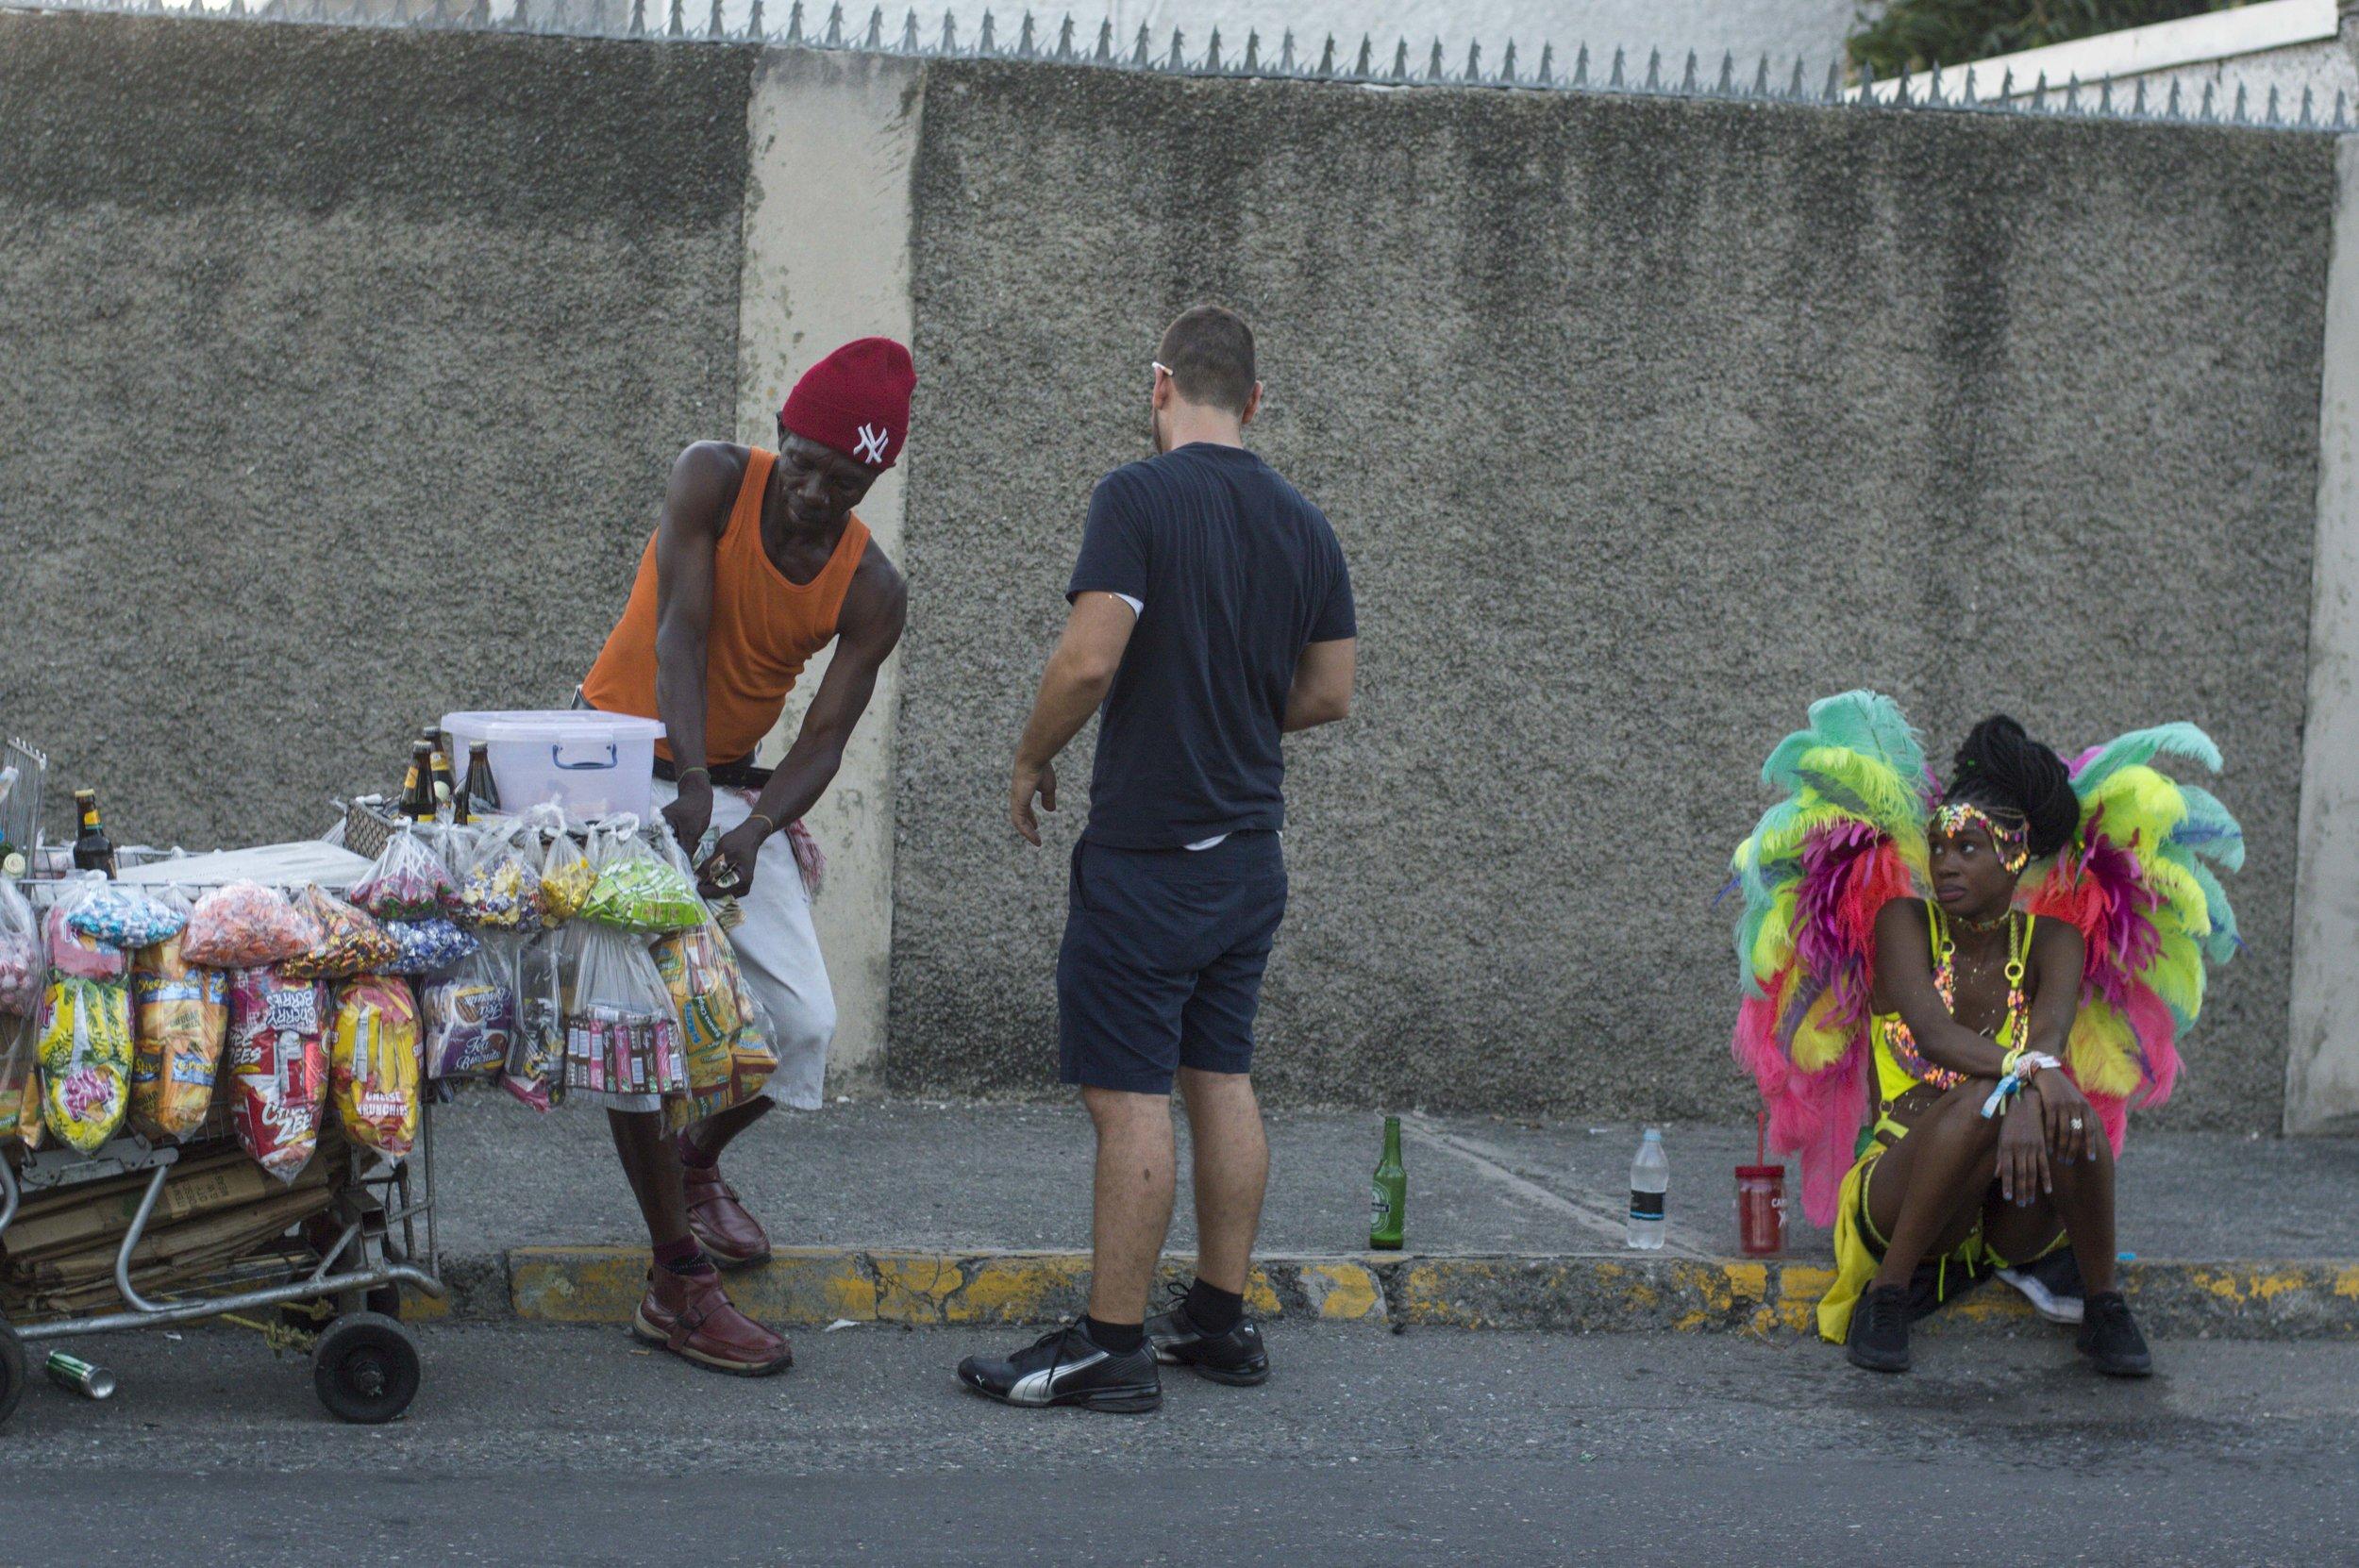 carnival2019_jeanalindo-75.jpg